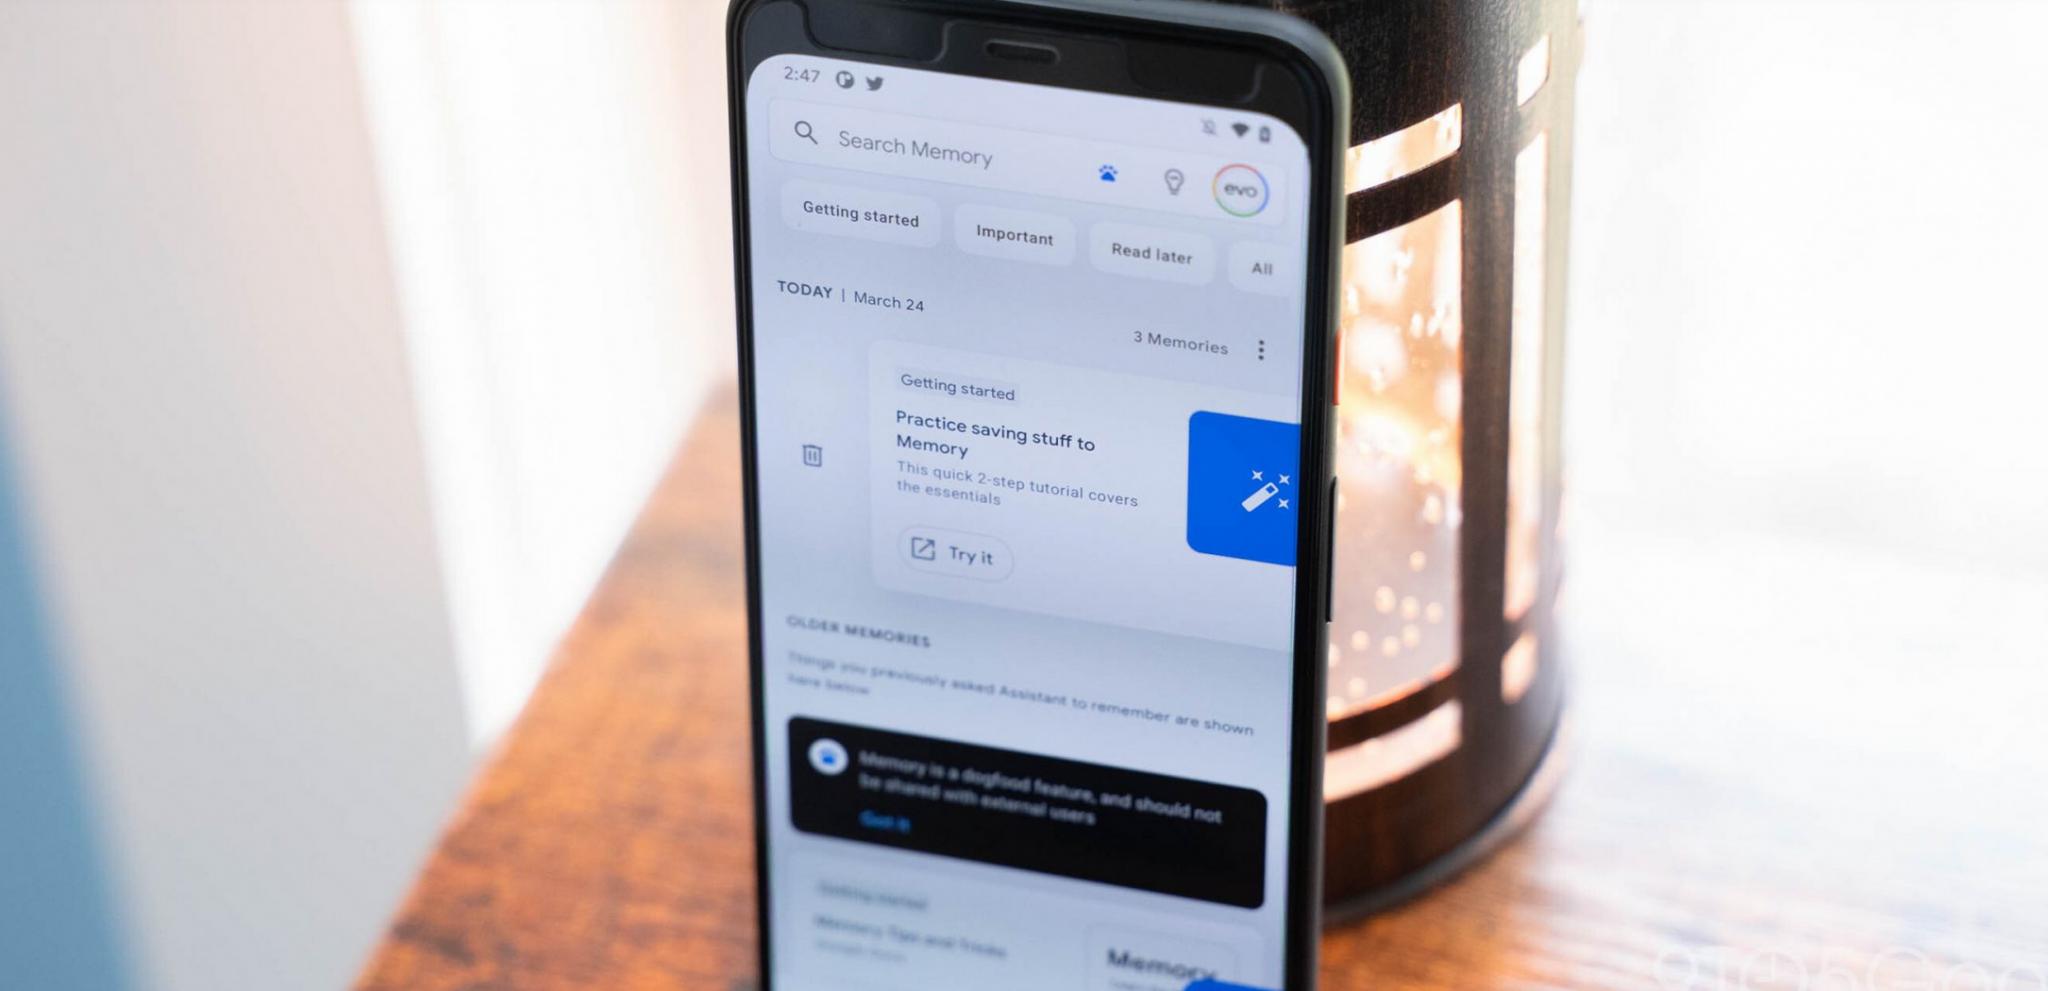 Sull'assistente di Google arriva la funzione Memory per salvare contenuti in un feed dedicato